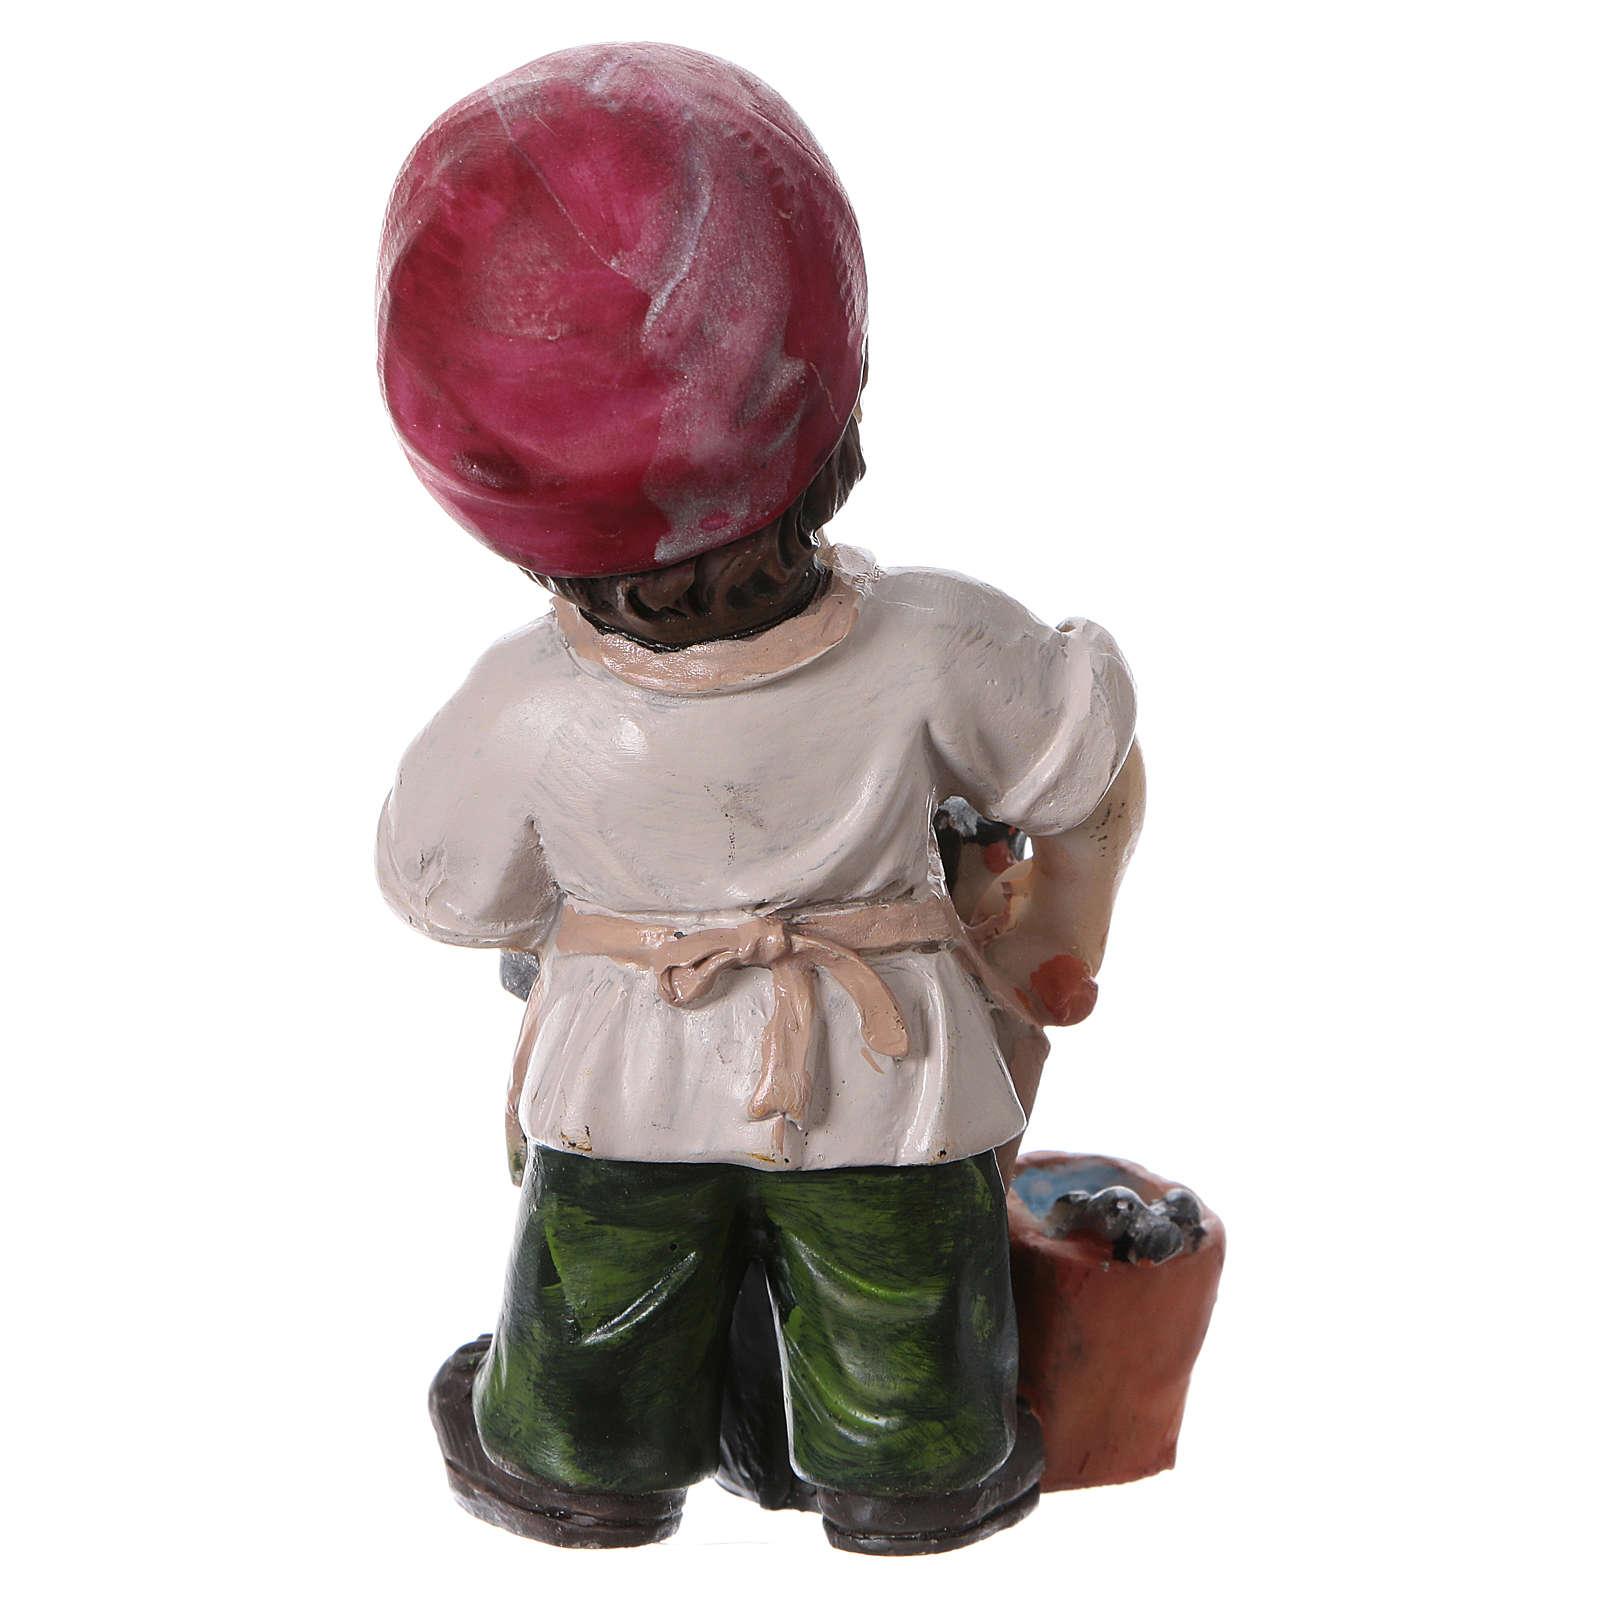 Santon forgeron pour crèche 9 cm gamme enfants 3